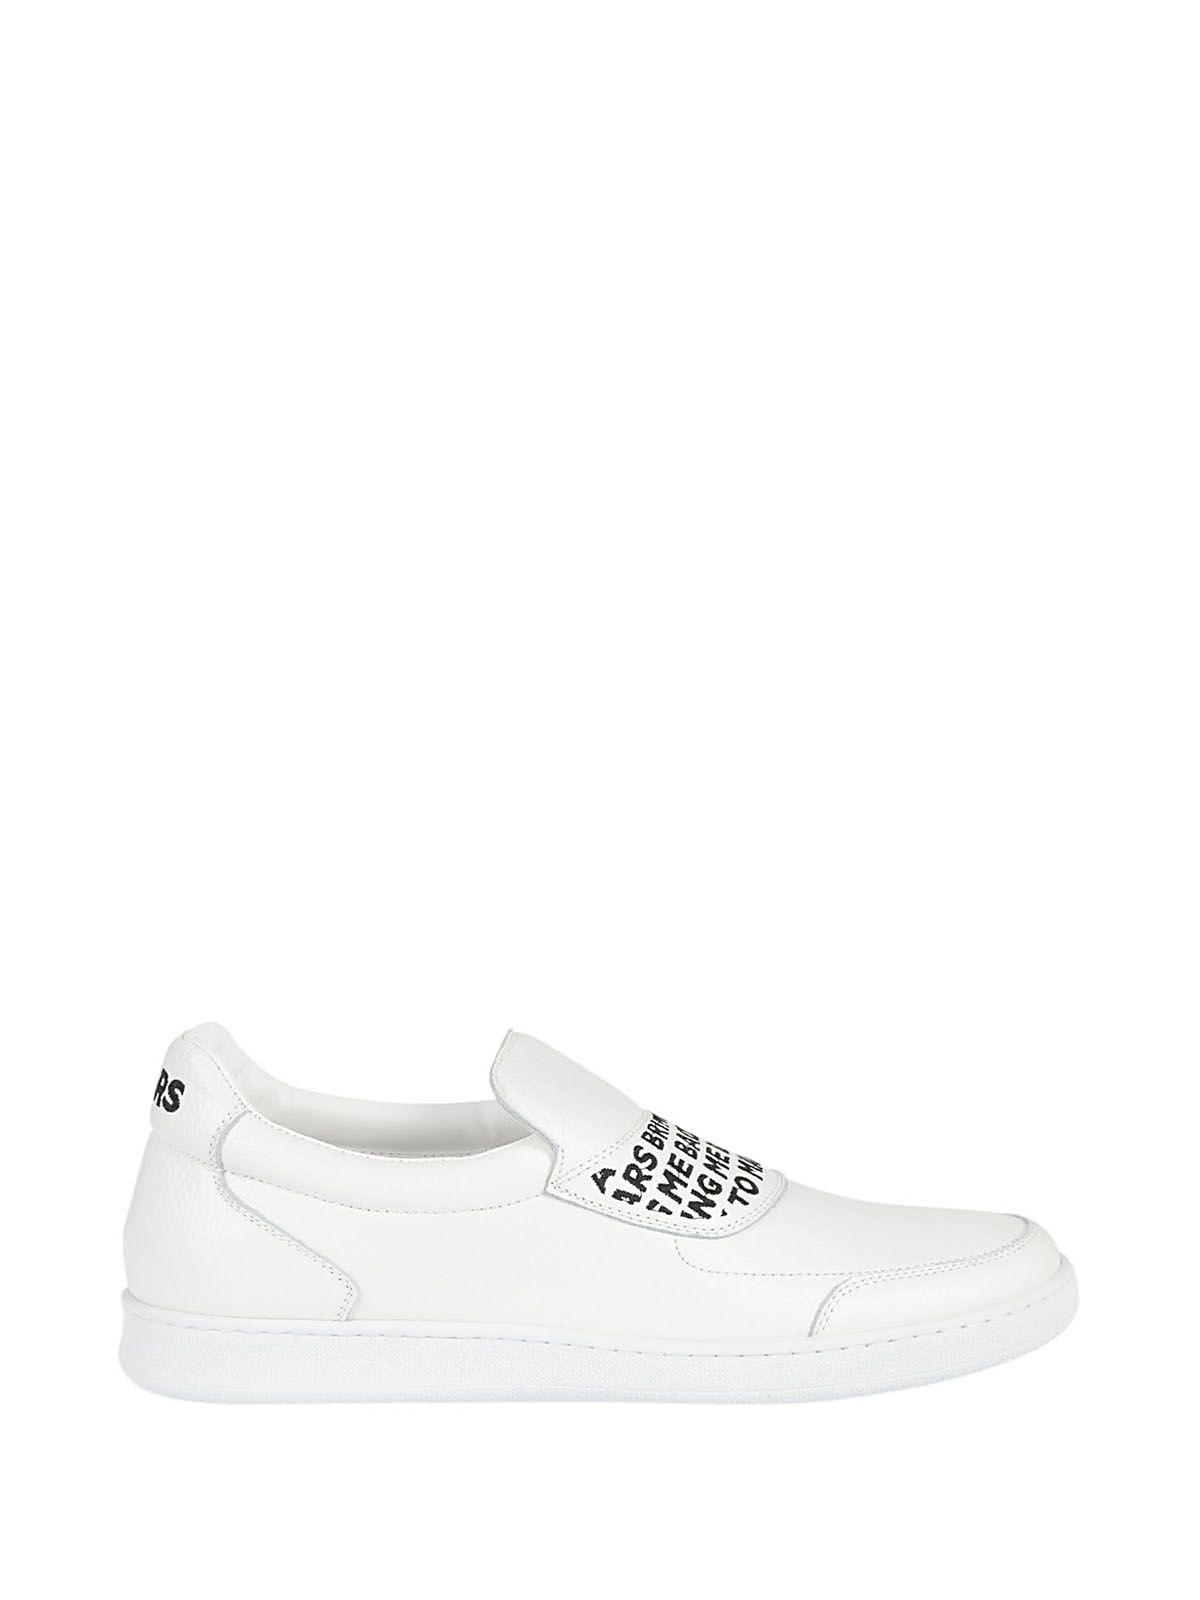 Joshua Sanders Mars Sneakers